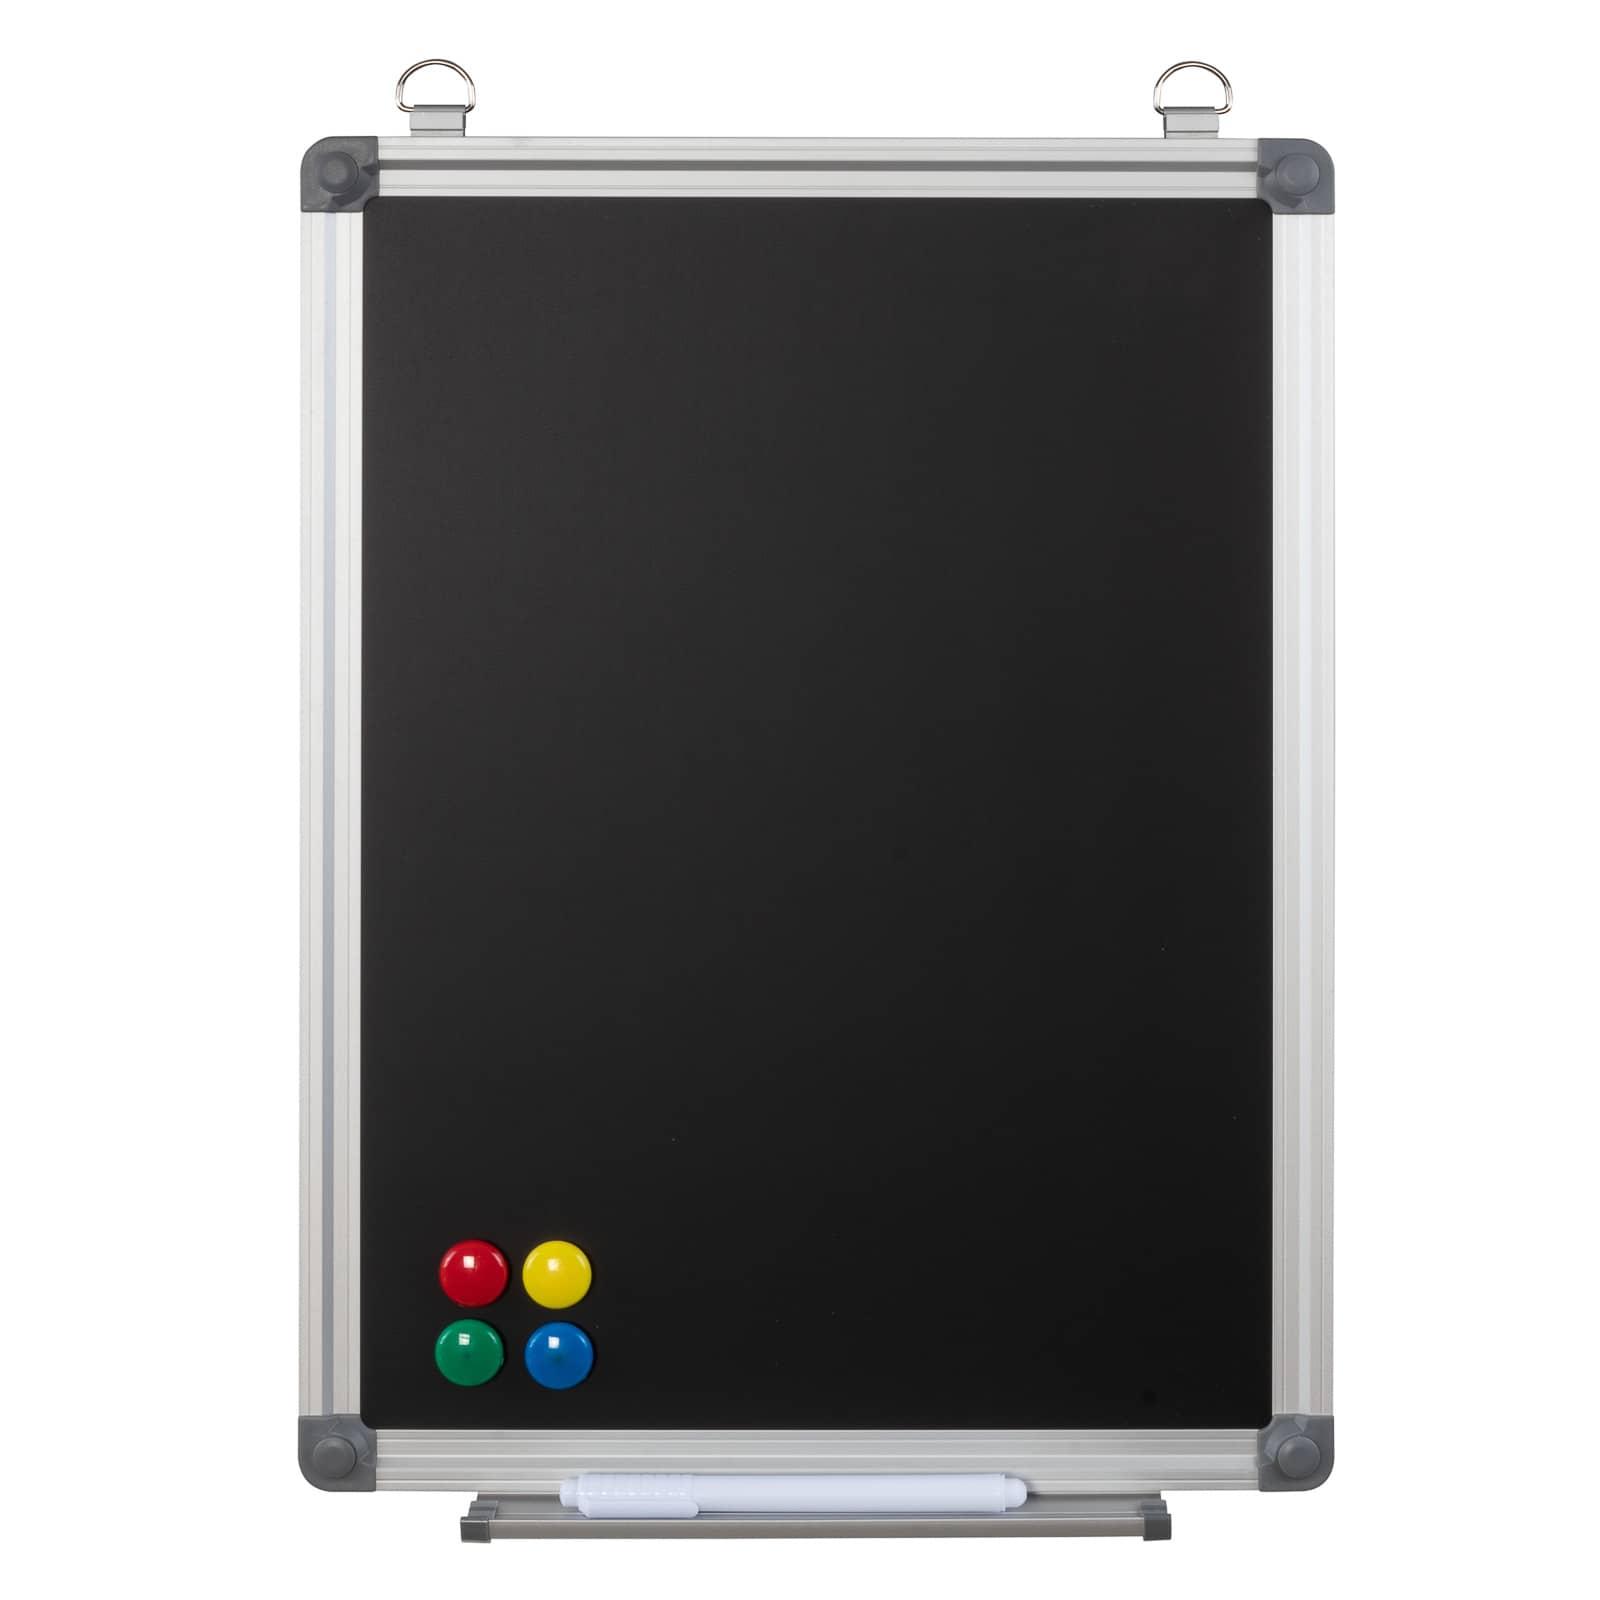 Büromi Magnetisch Zwart Krijtbord 40x30 cm Alu frame - incl. toehoren